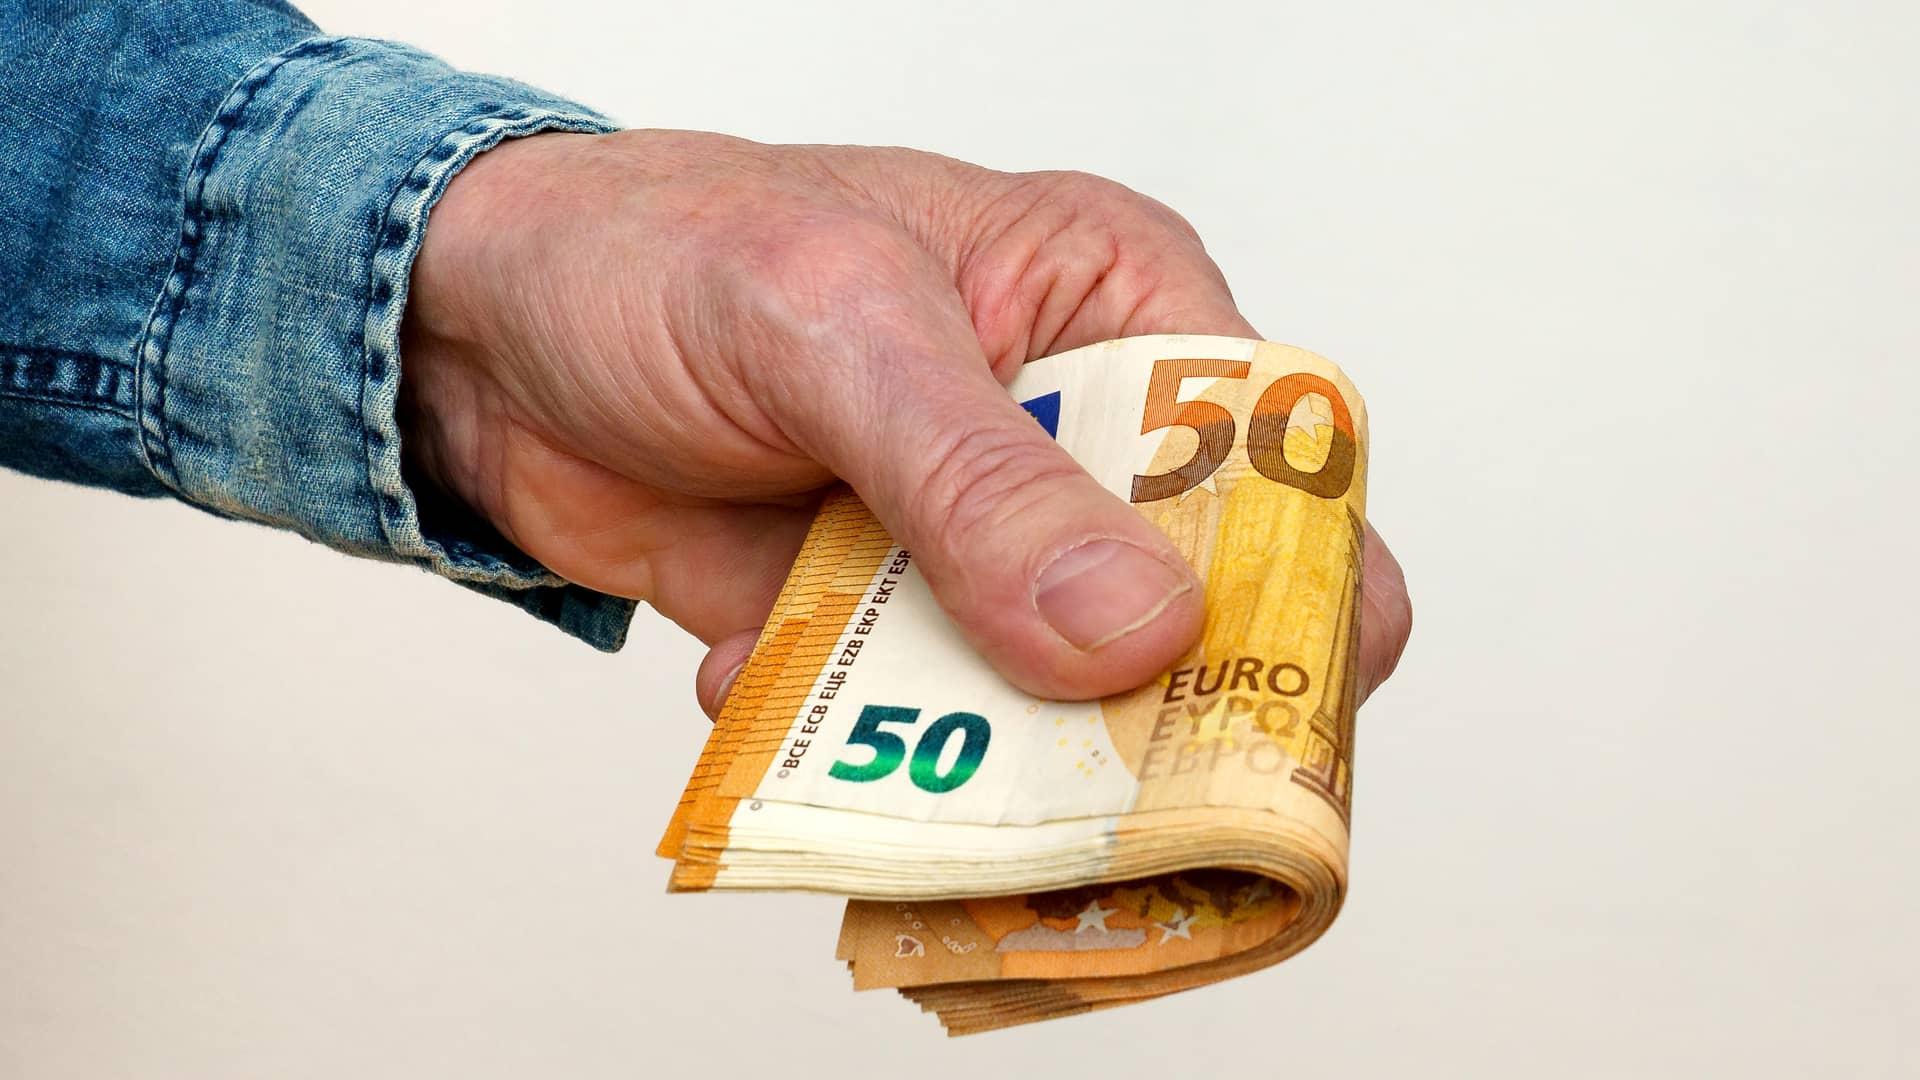 Persona prestando dinero a otra representa préstamo hipotecario